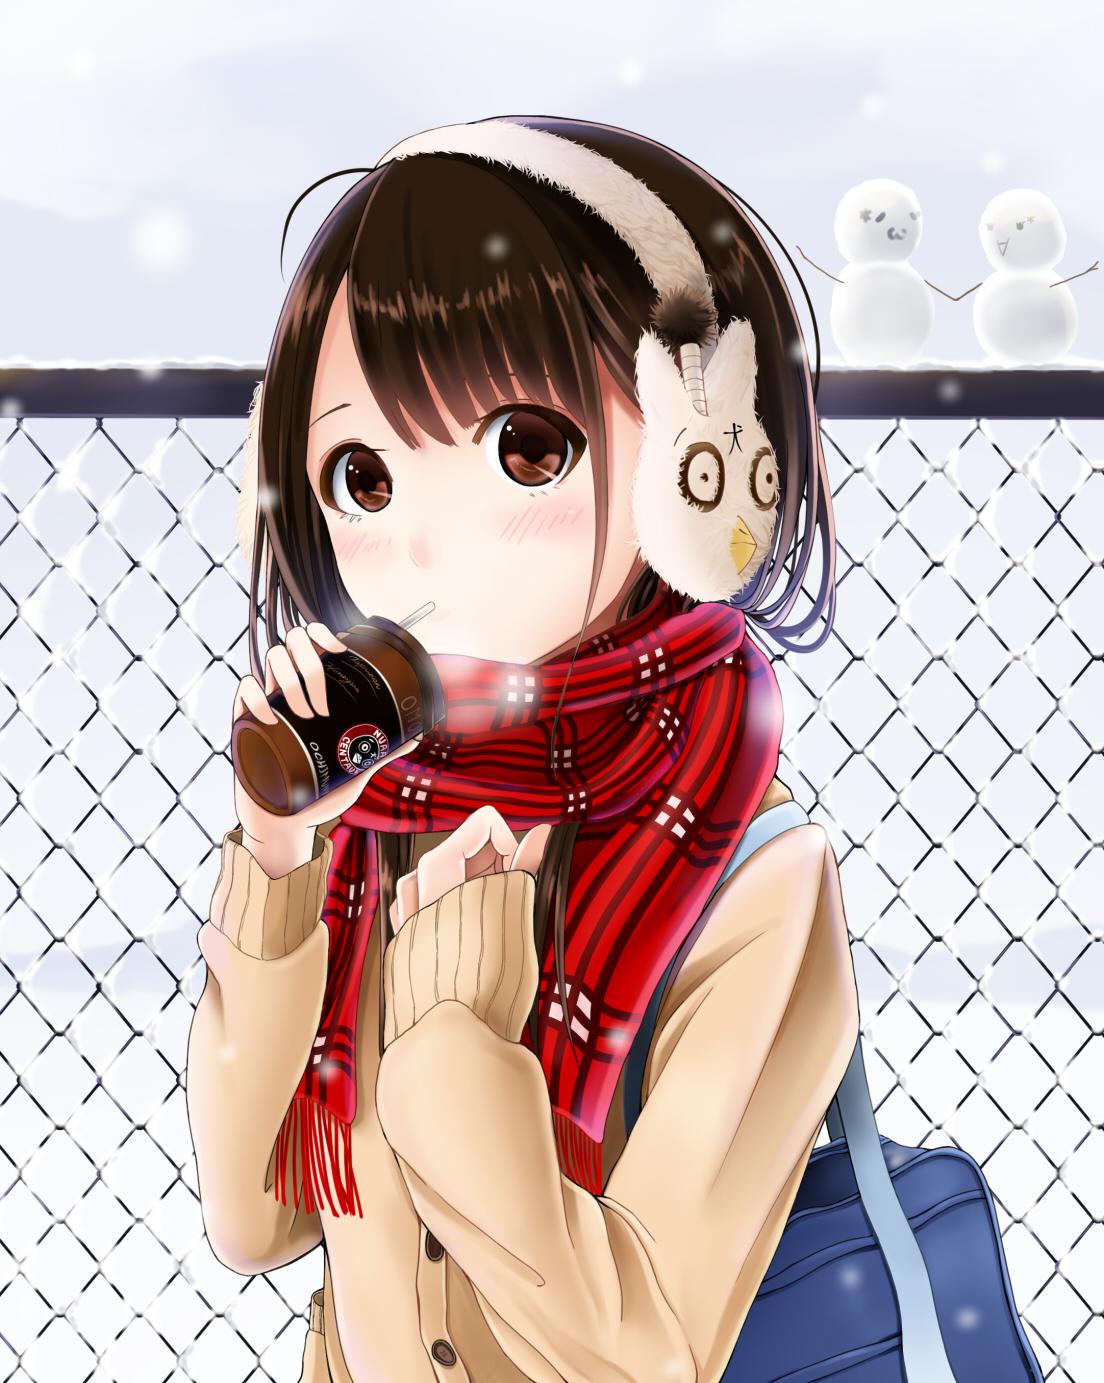 Смешные картинки девочек аниме, 1366 768